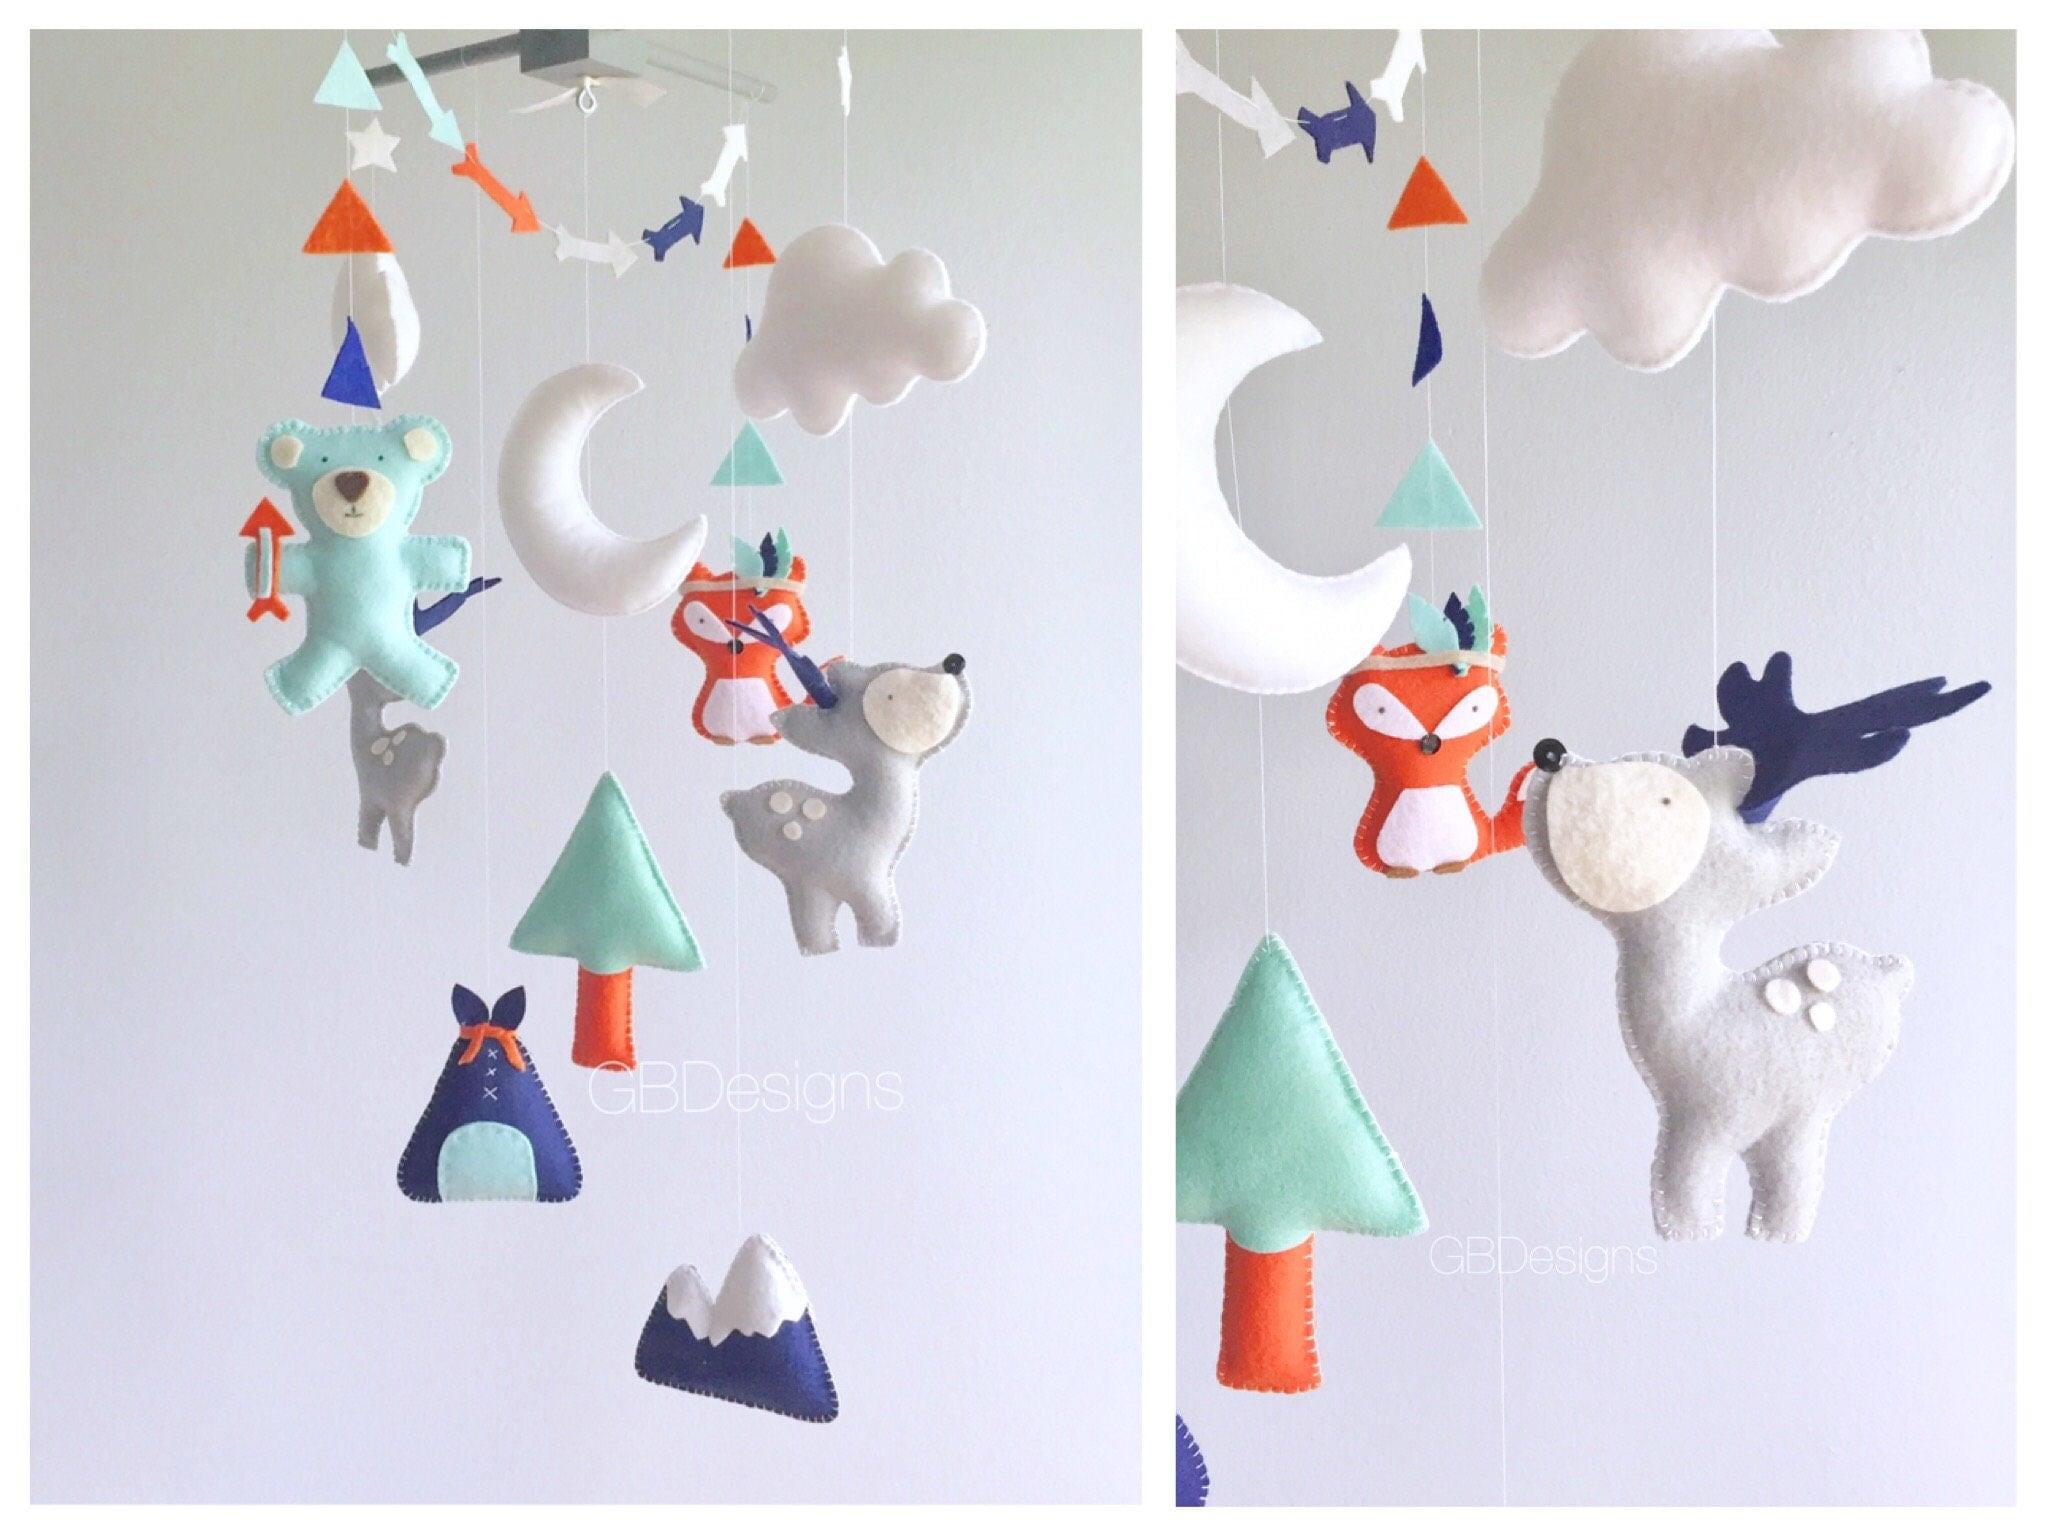 Baby mobile Kinderzimmer mobile Fuchs Fox Mobile Tipi